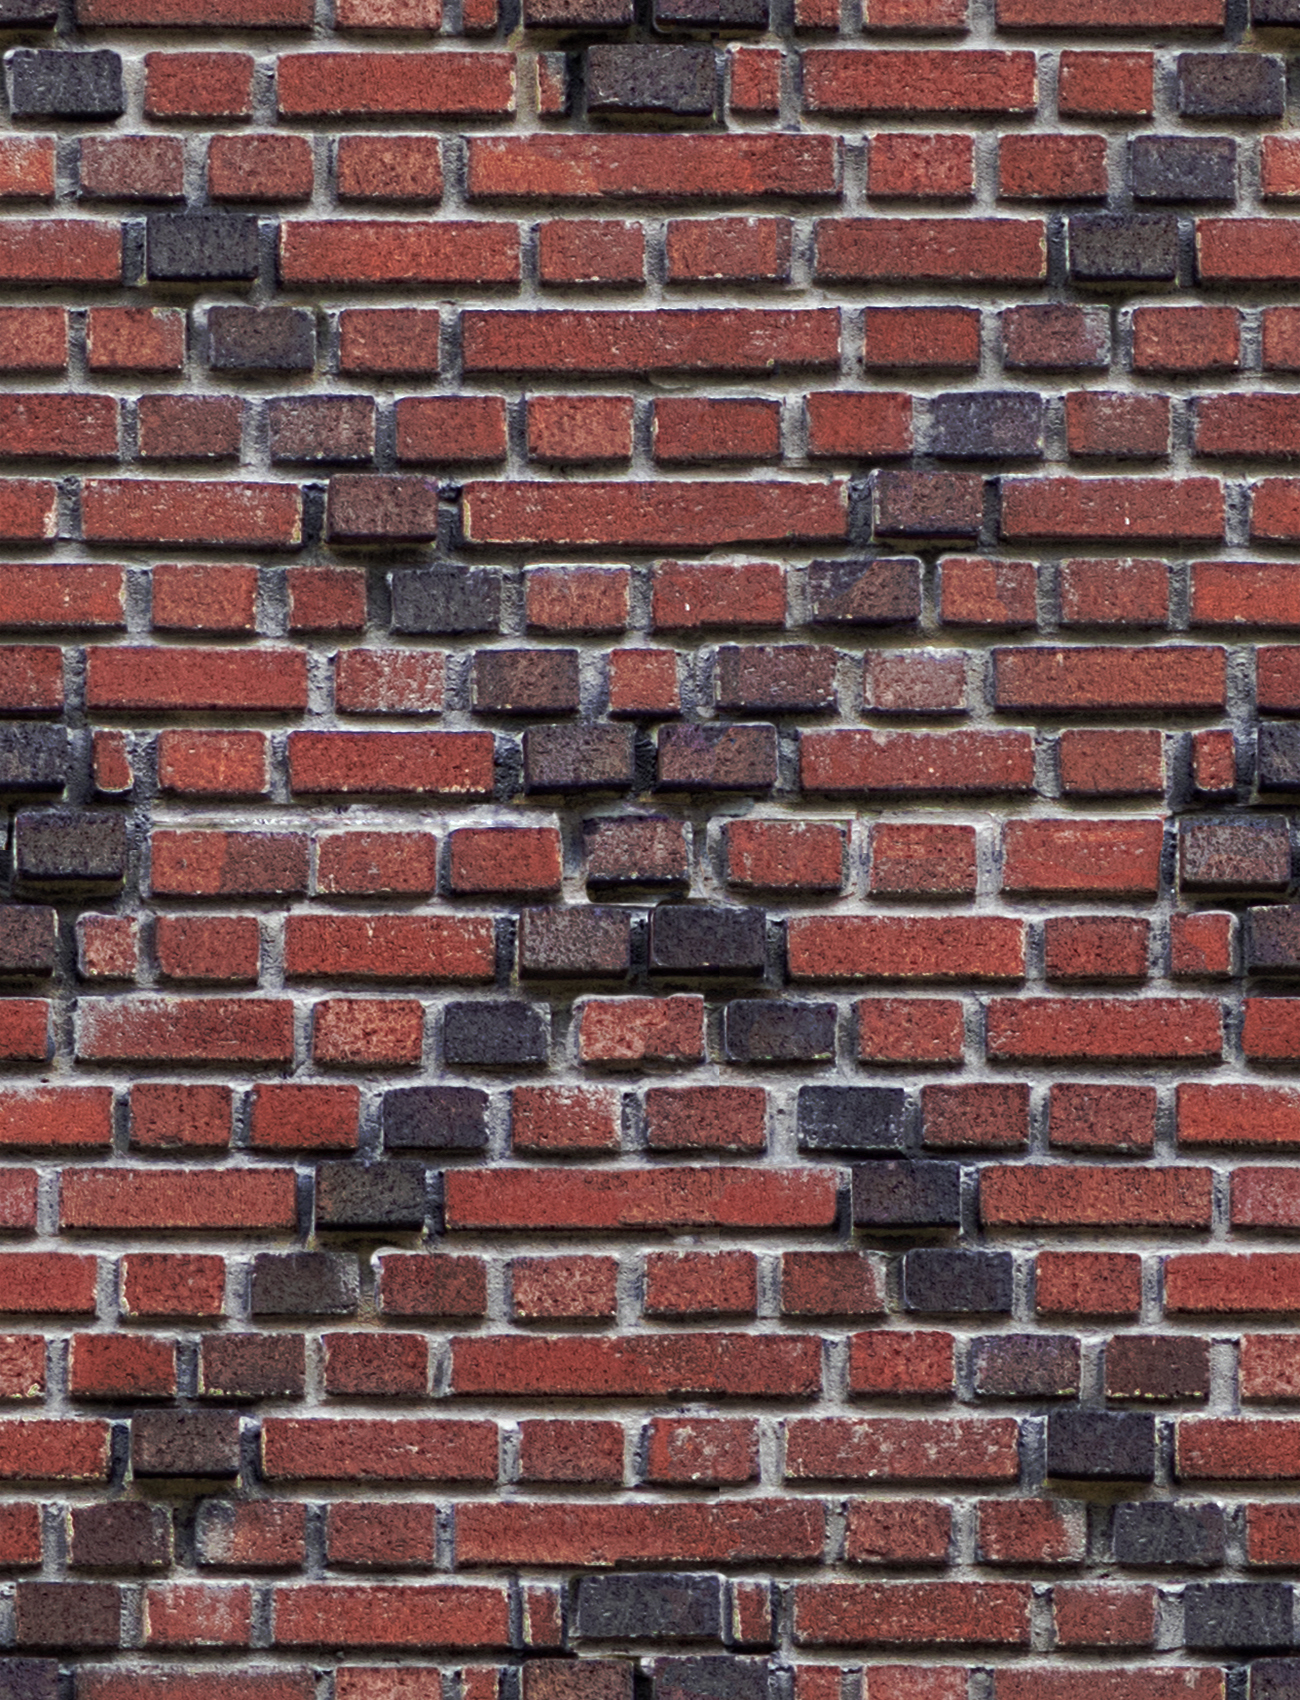 Yorktowne Diamond Brick Pattern.jpg